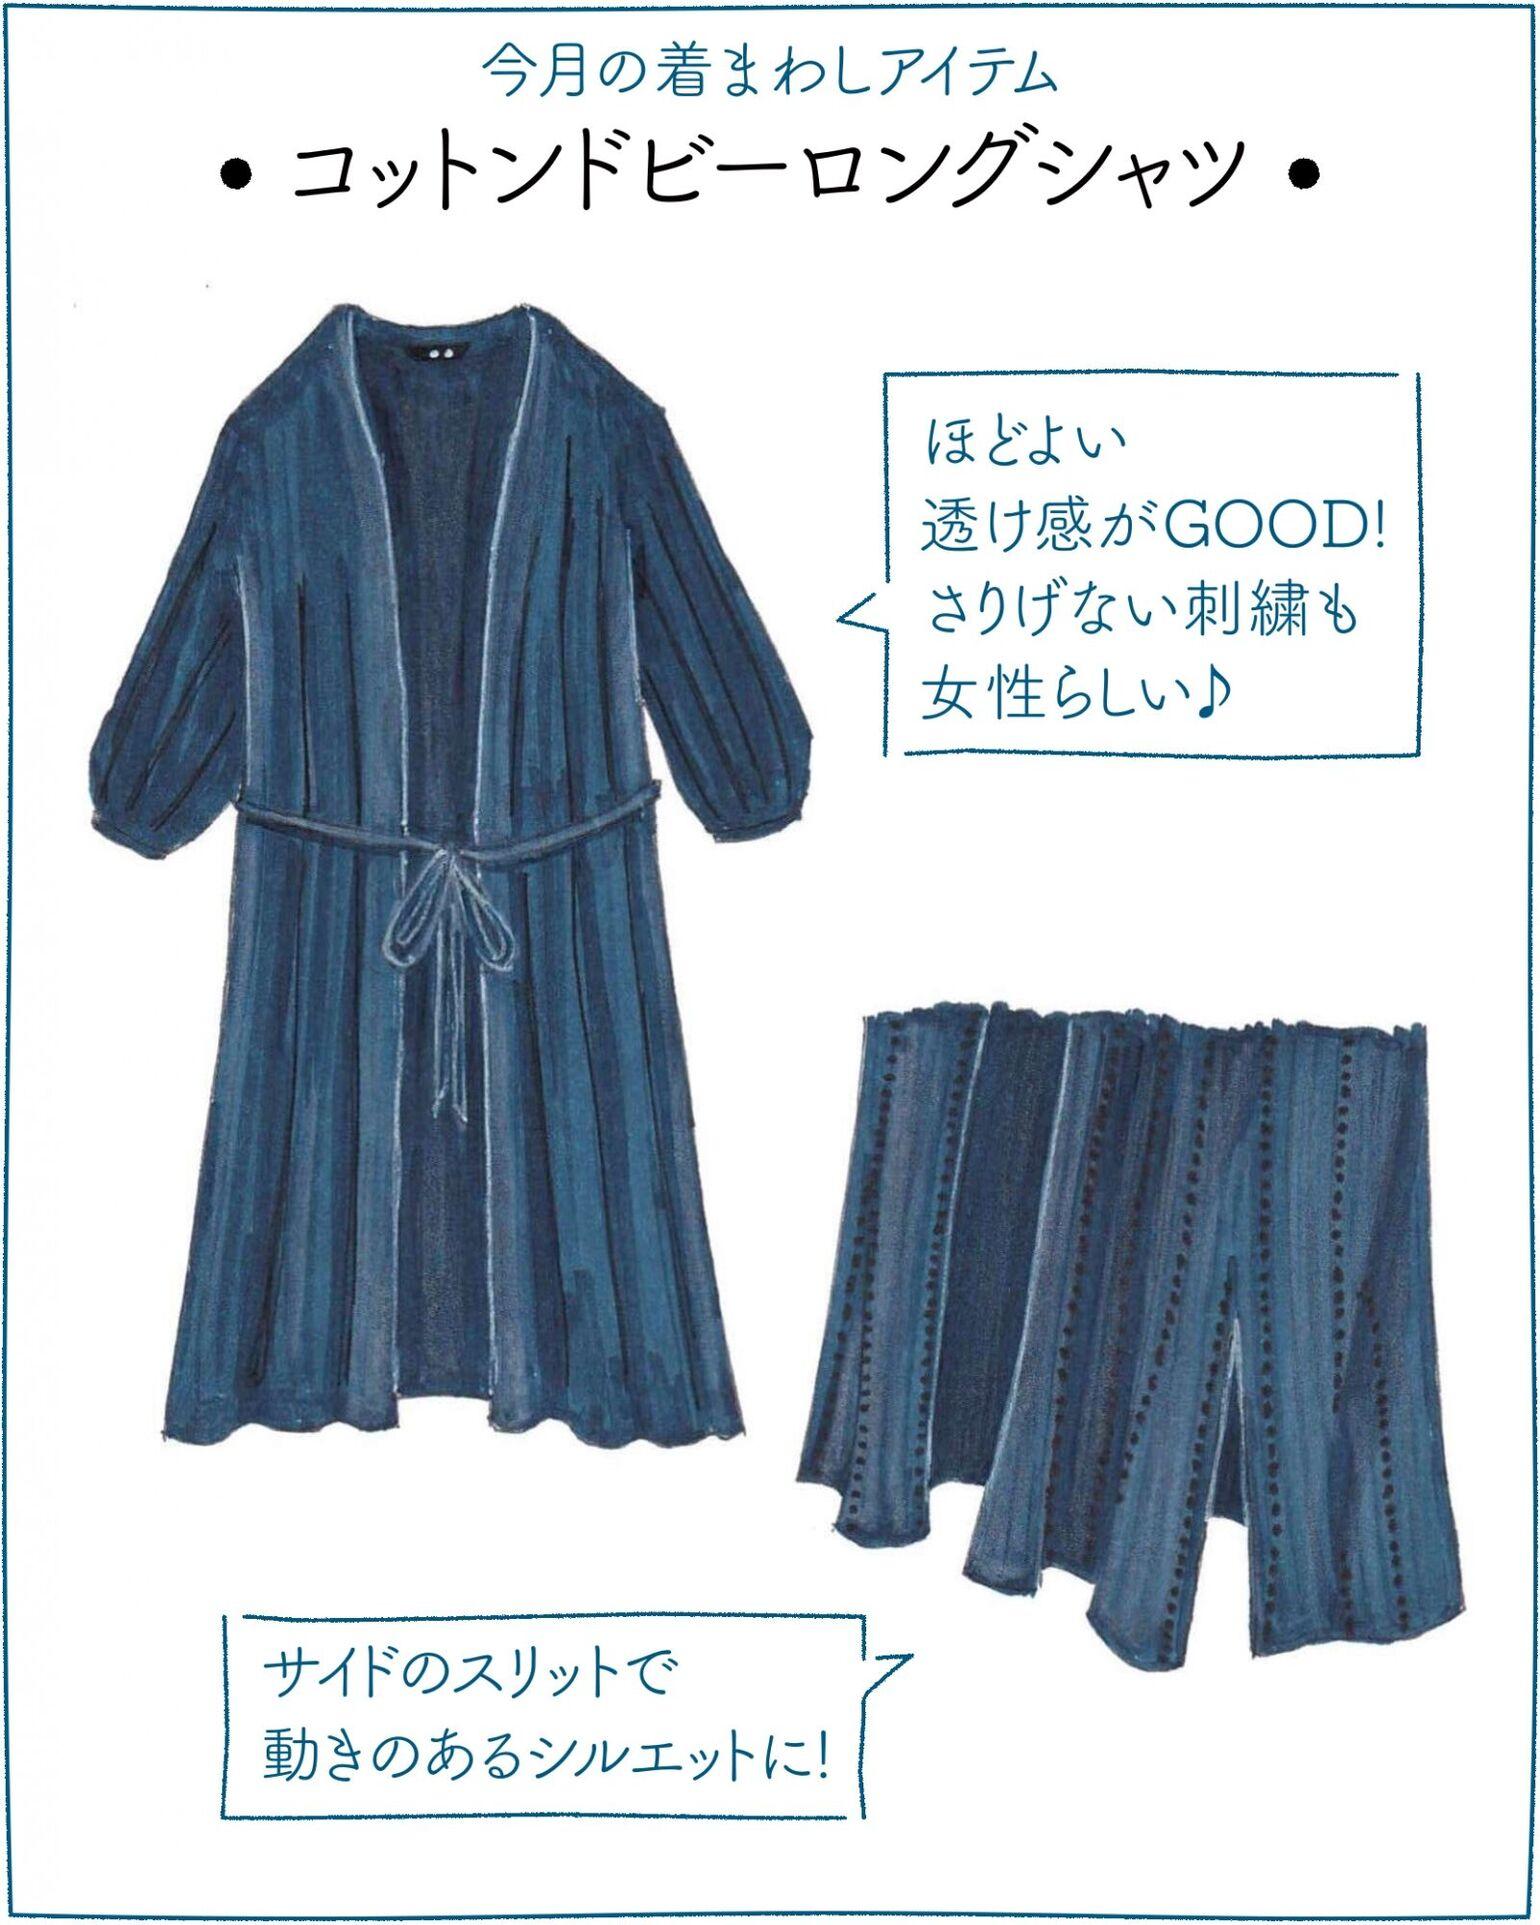 1286258b7b4 大人気のイラストレーターSaekoさんが「今着たいユニクロアイテム」を使ったコーディネートを提案する連載、第2弾!  今回は、ガウンのようにさらりと羽織れるコットン ...